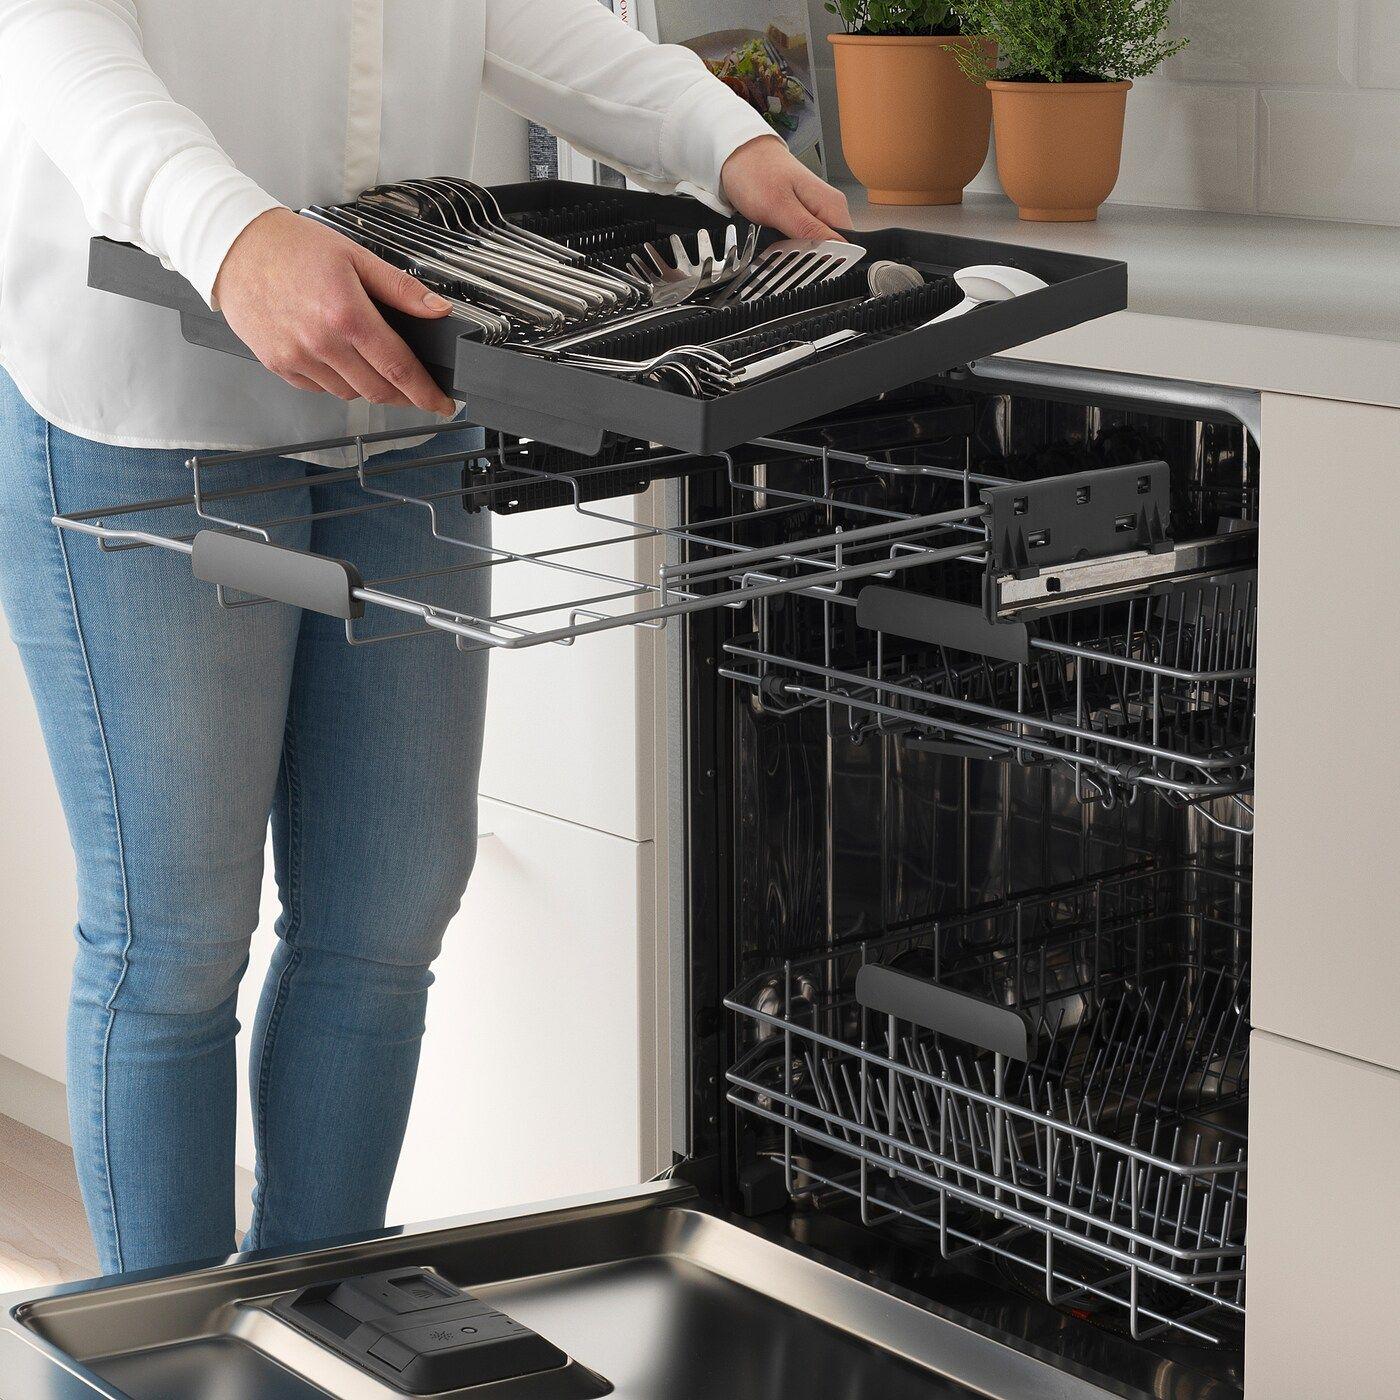 Hygienisk Geschirrspuler Integr Ikea Osterreich Geschirrspuler Weinglashalter Und Einbaugerate